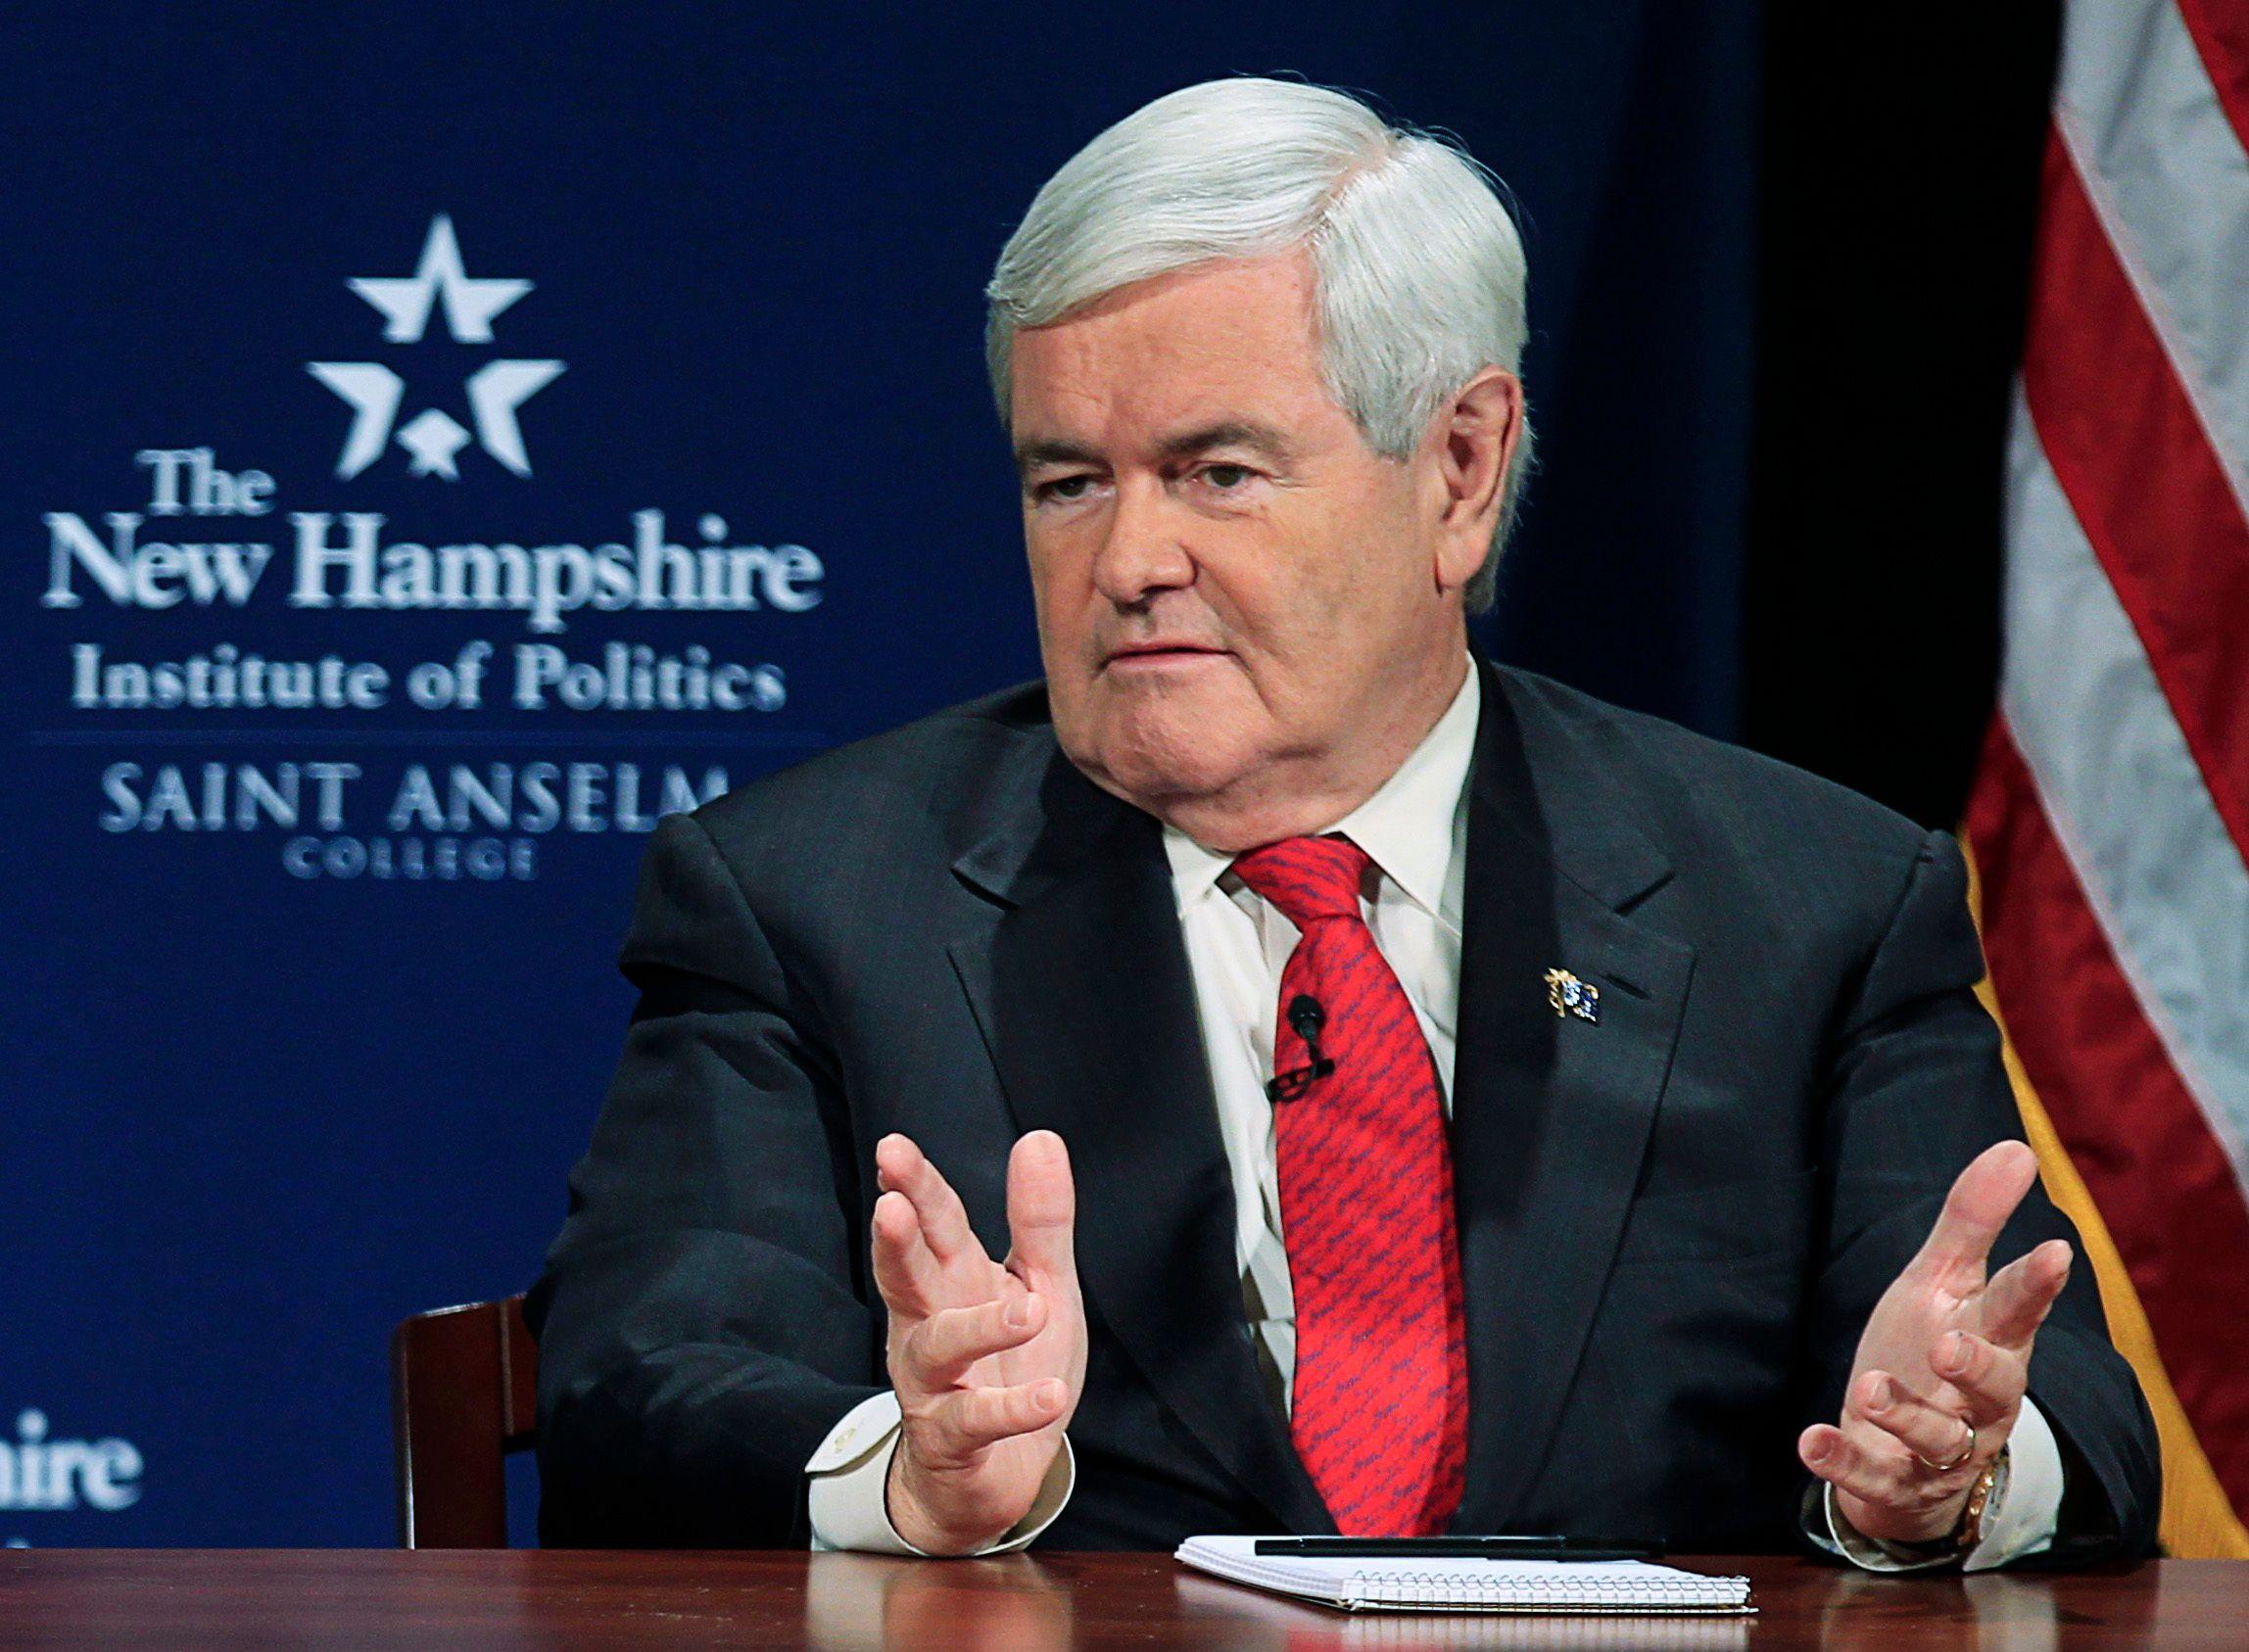 Newt Gingrich souffre d'une personnalité complexe et parfois instable.